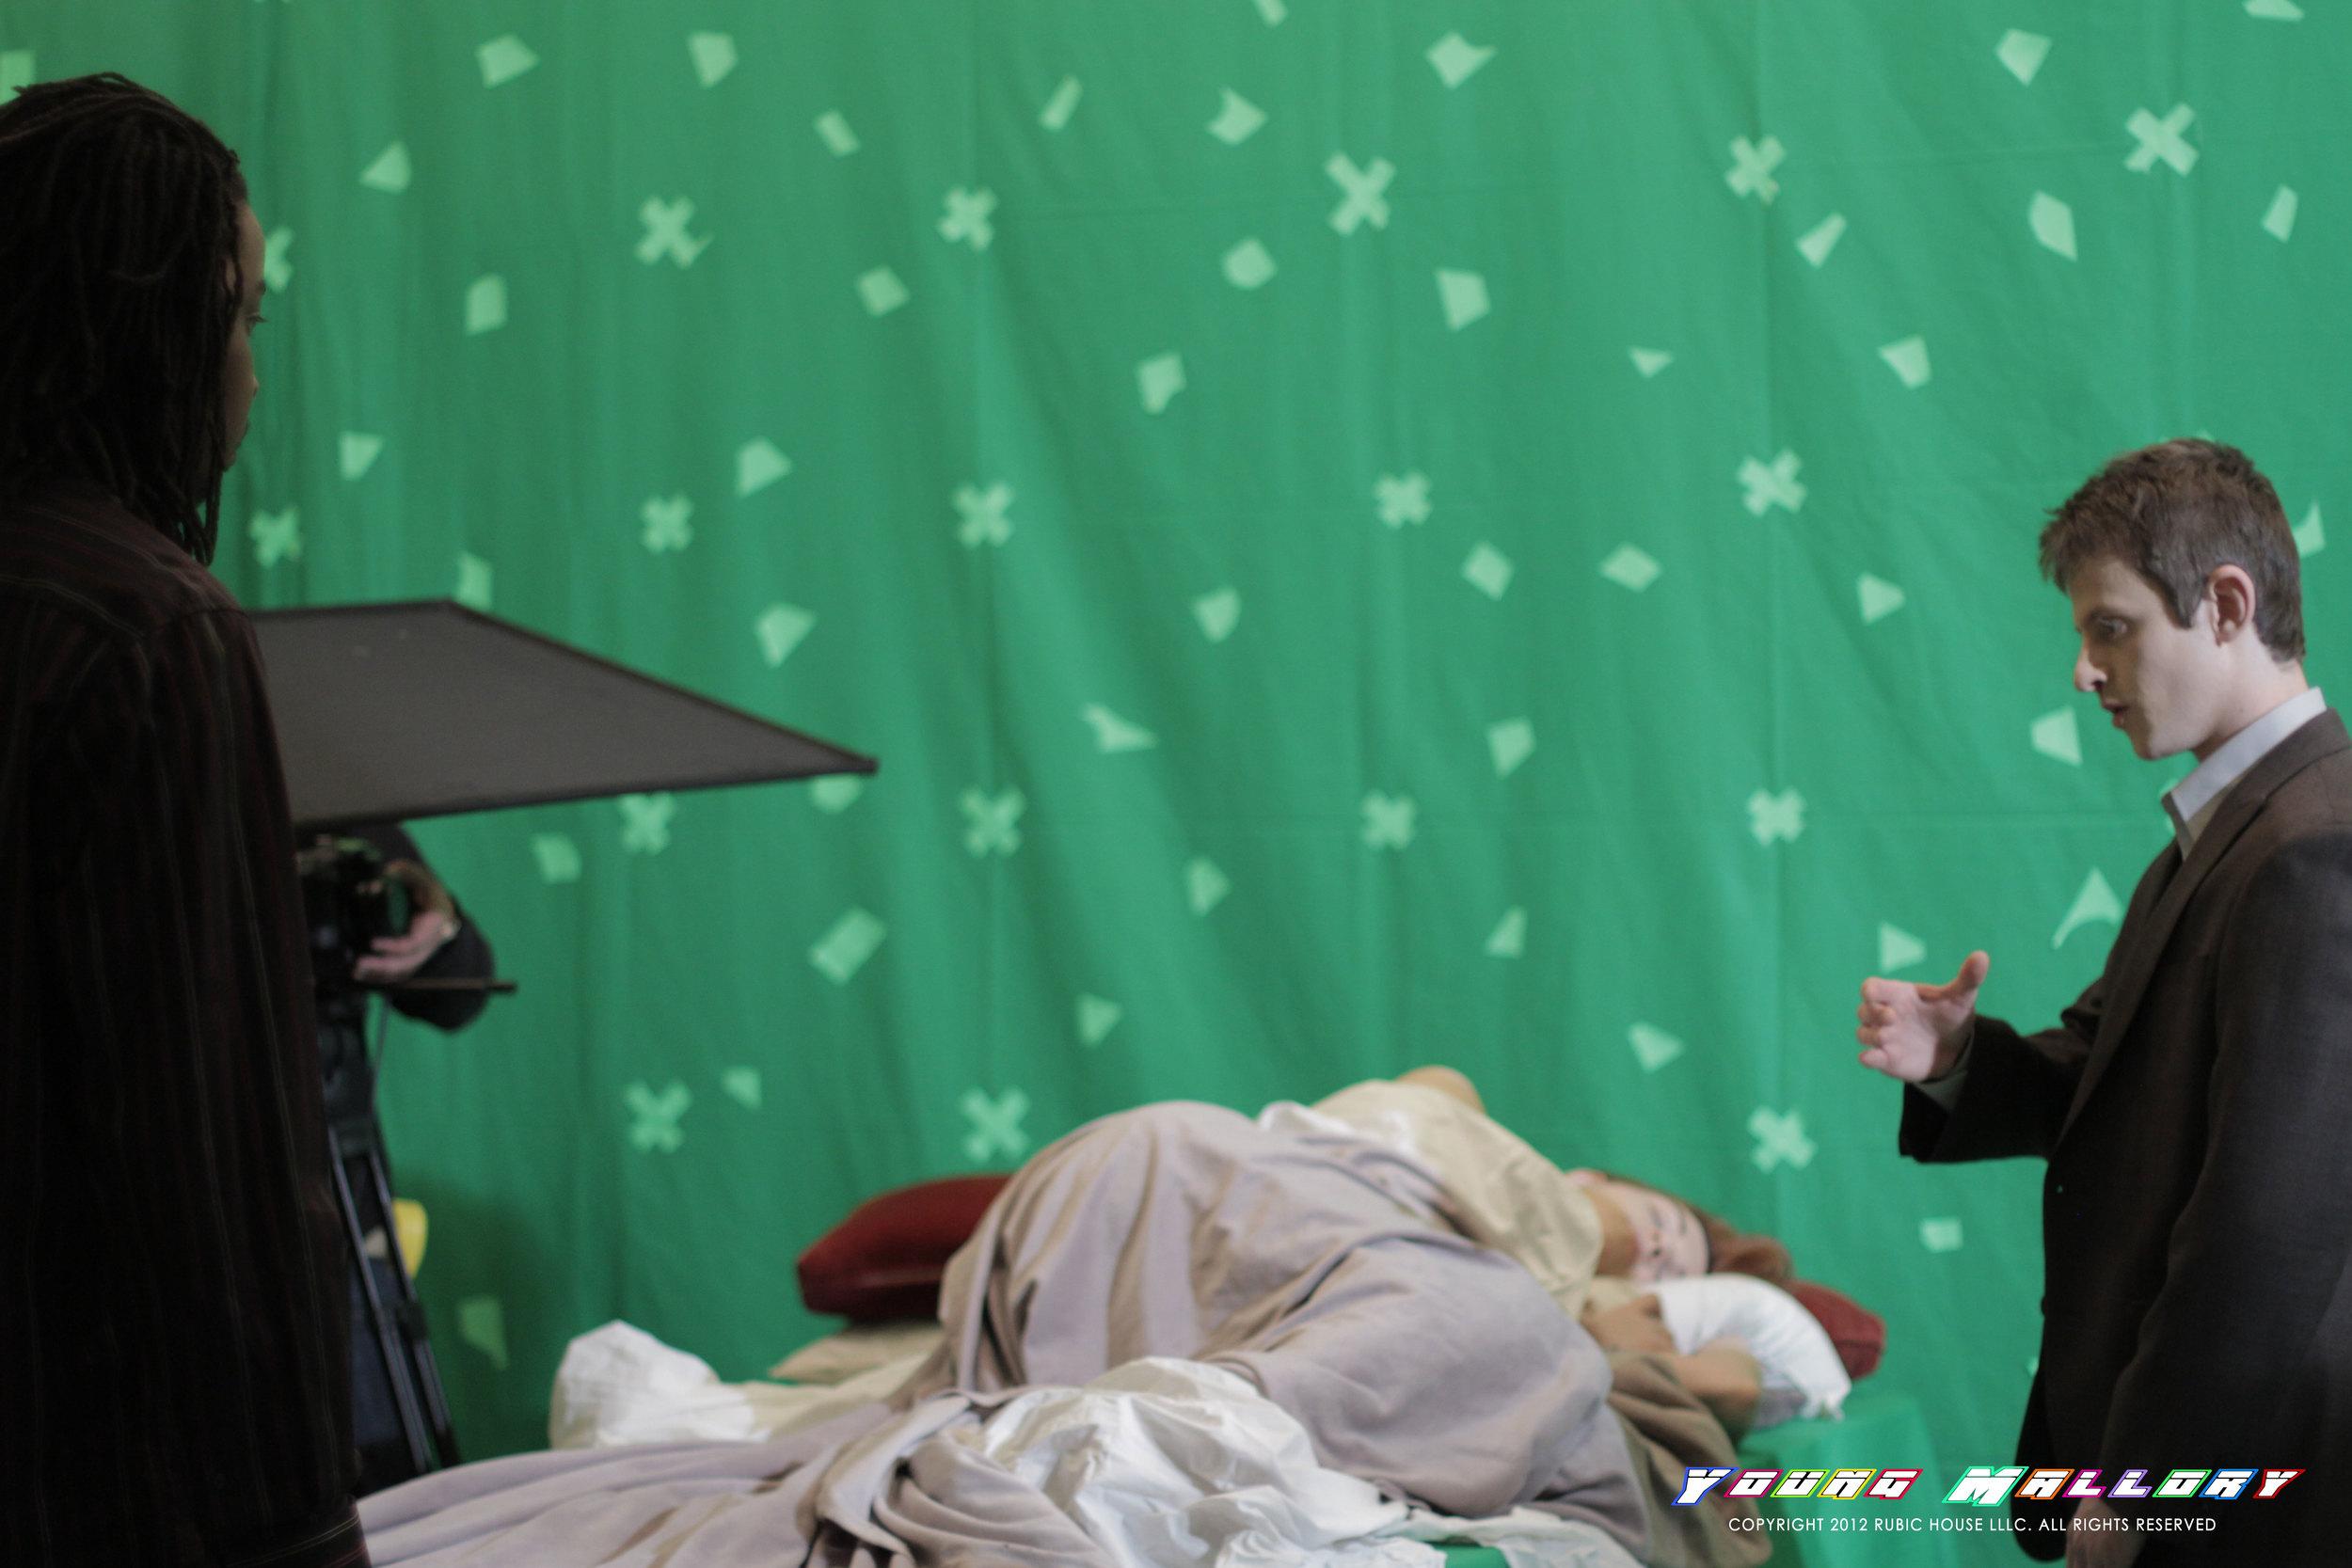 behind-the-scenes-photo-3.jpg